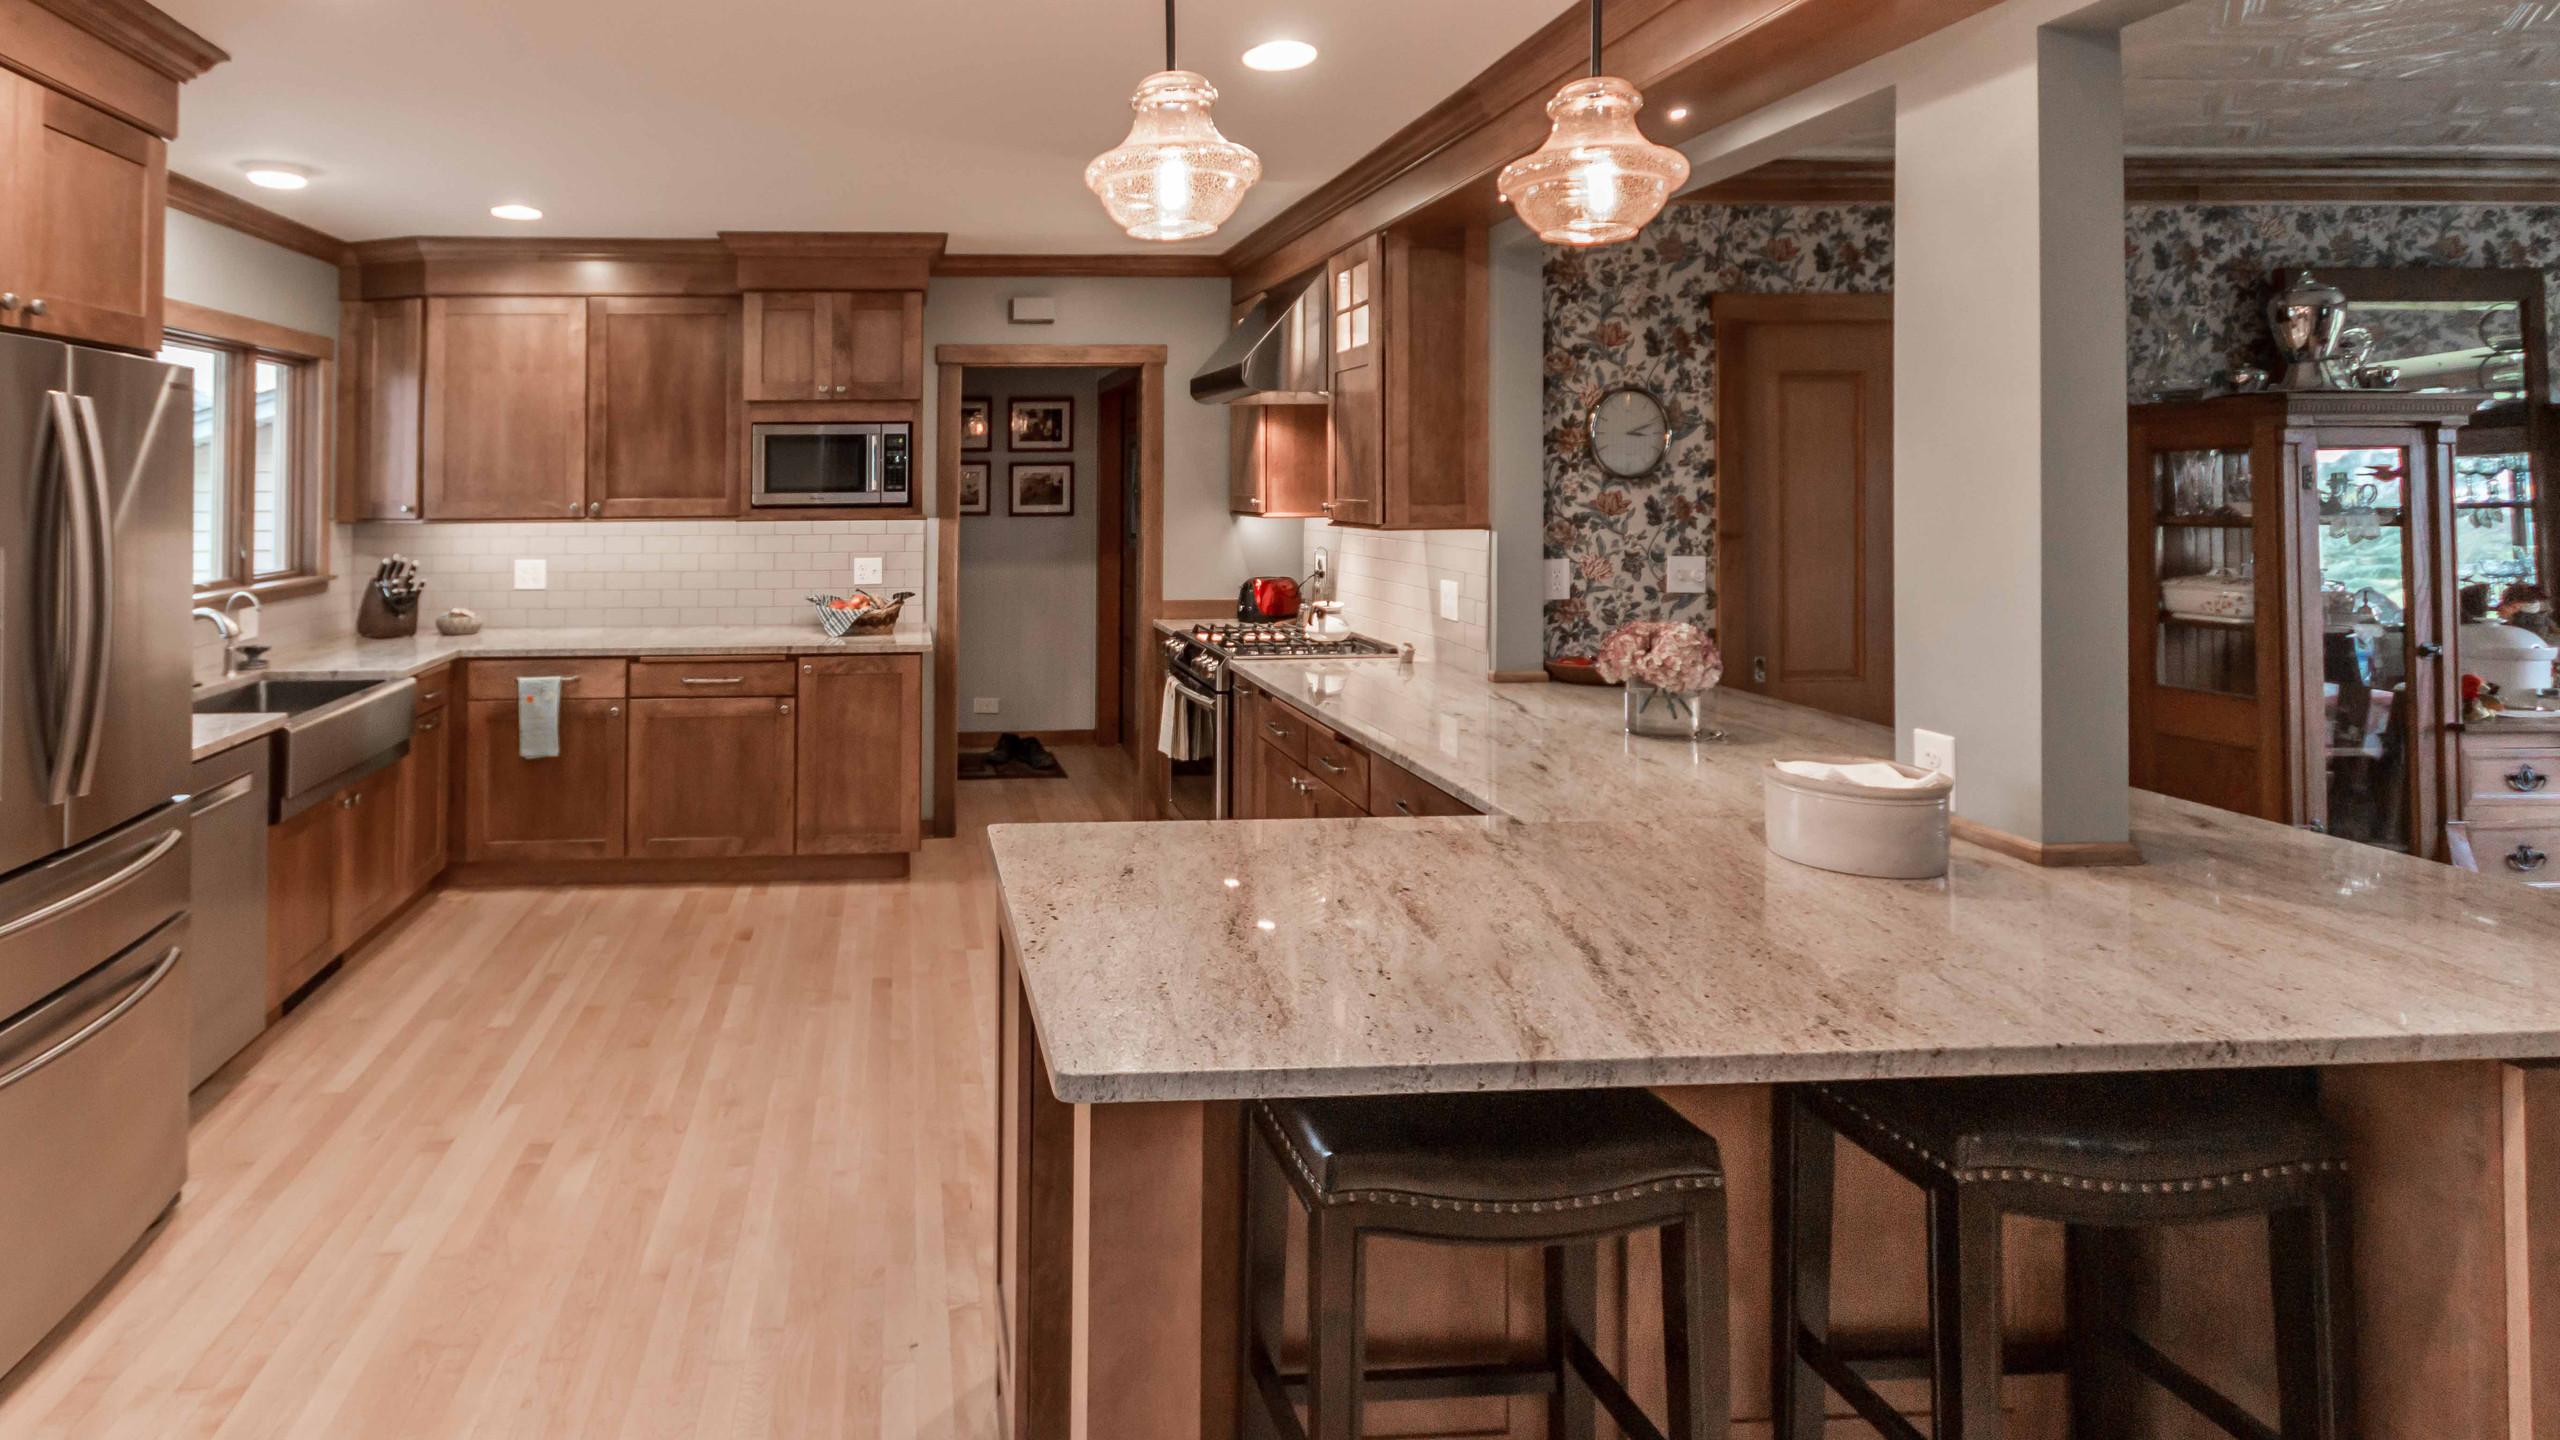 WEB KLM - Richardson Farmhouse kitchen remodel-5